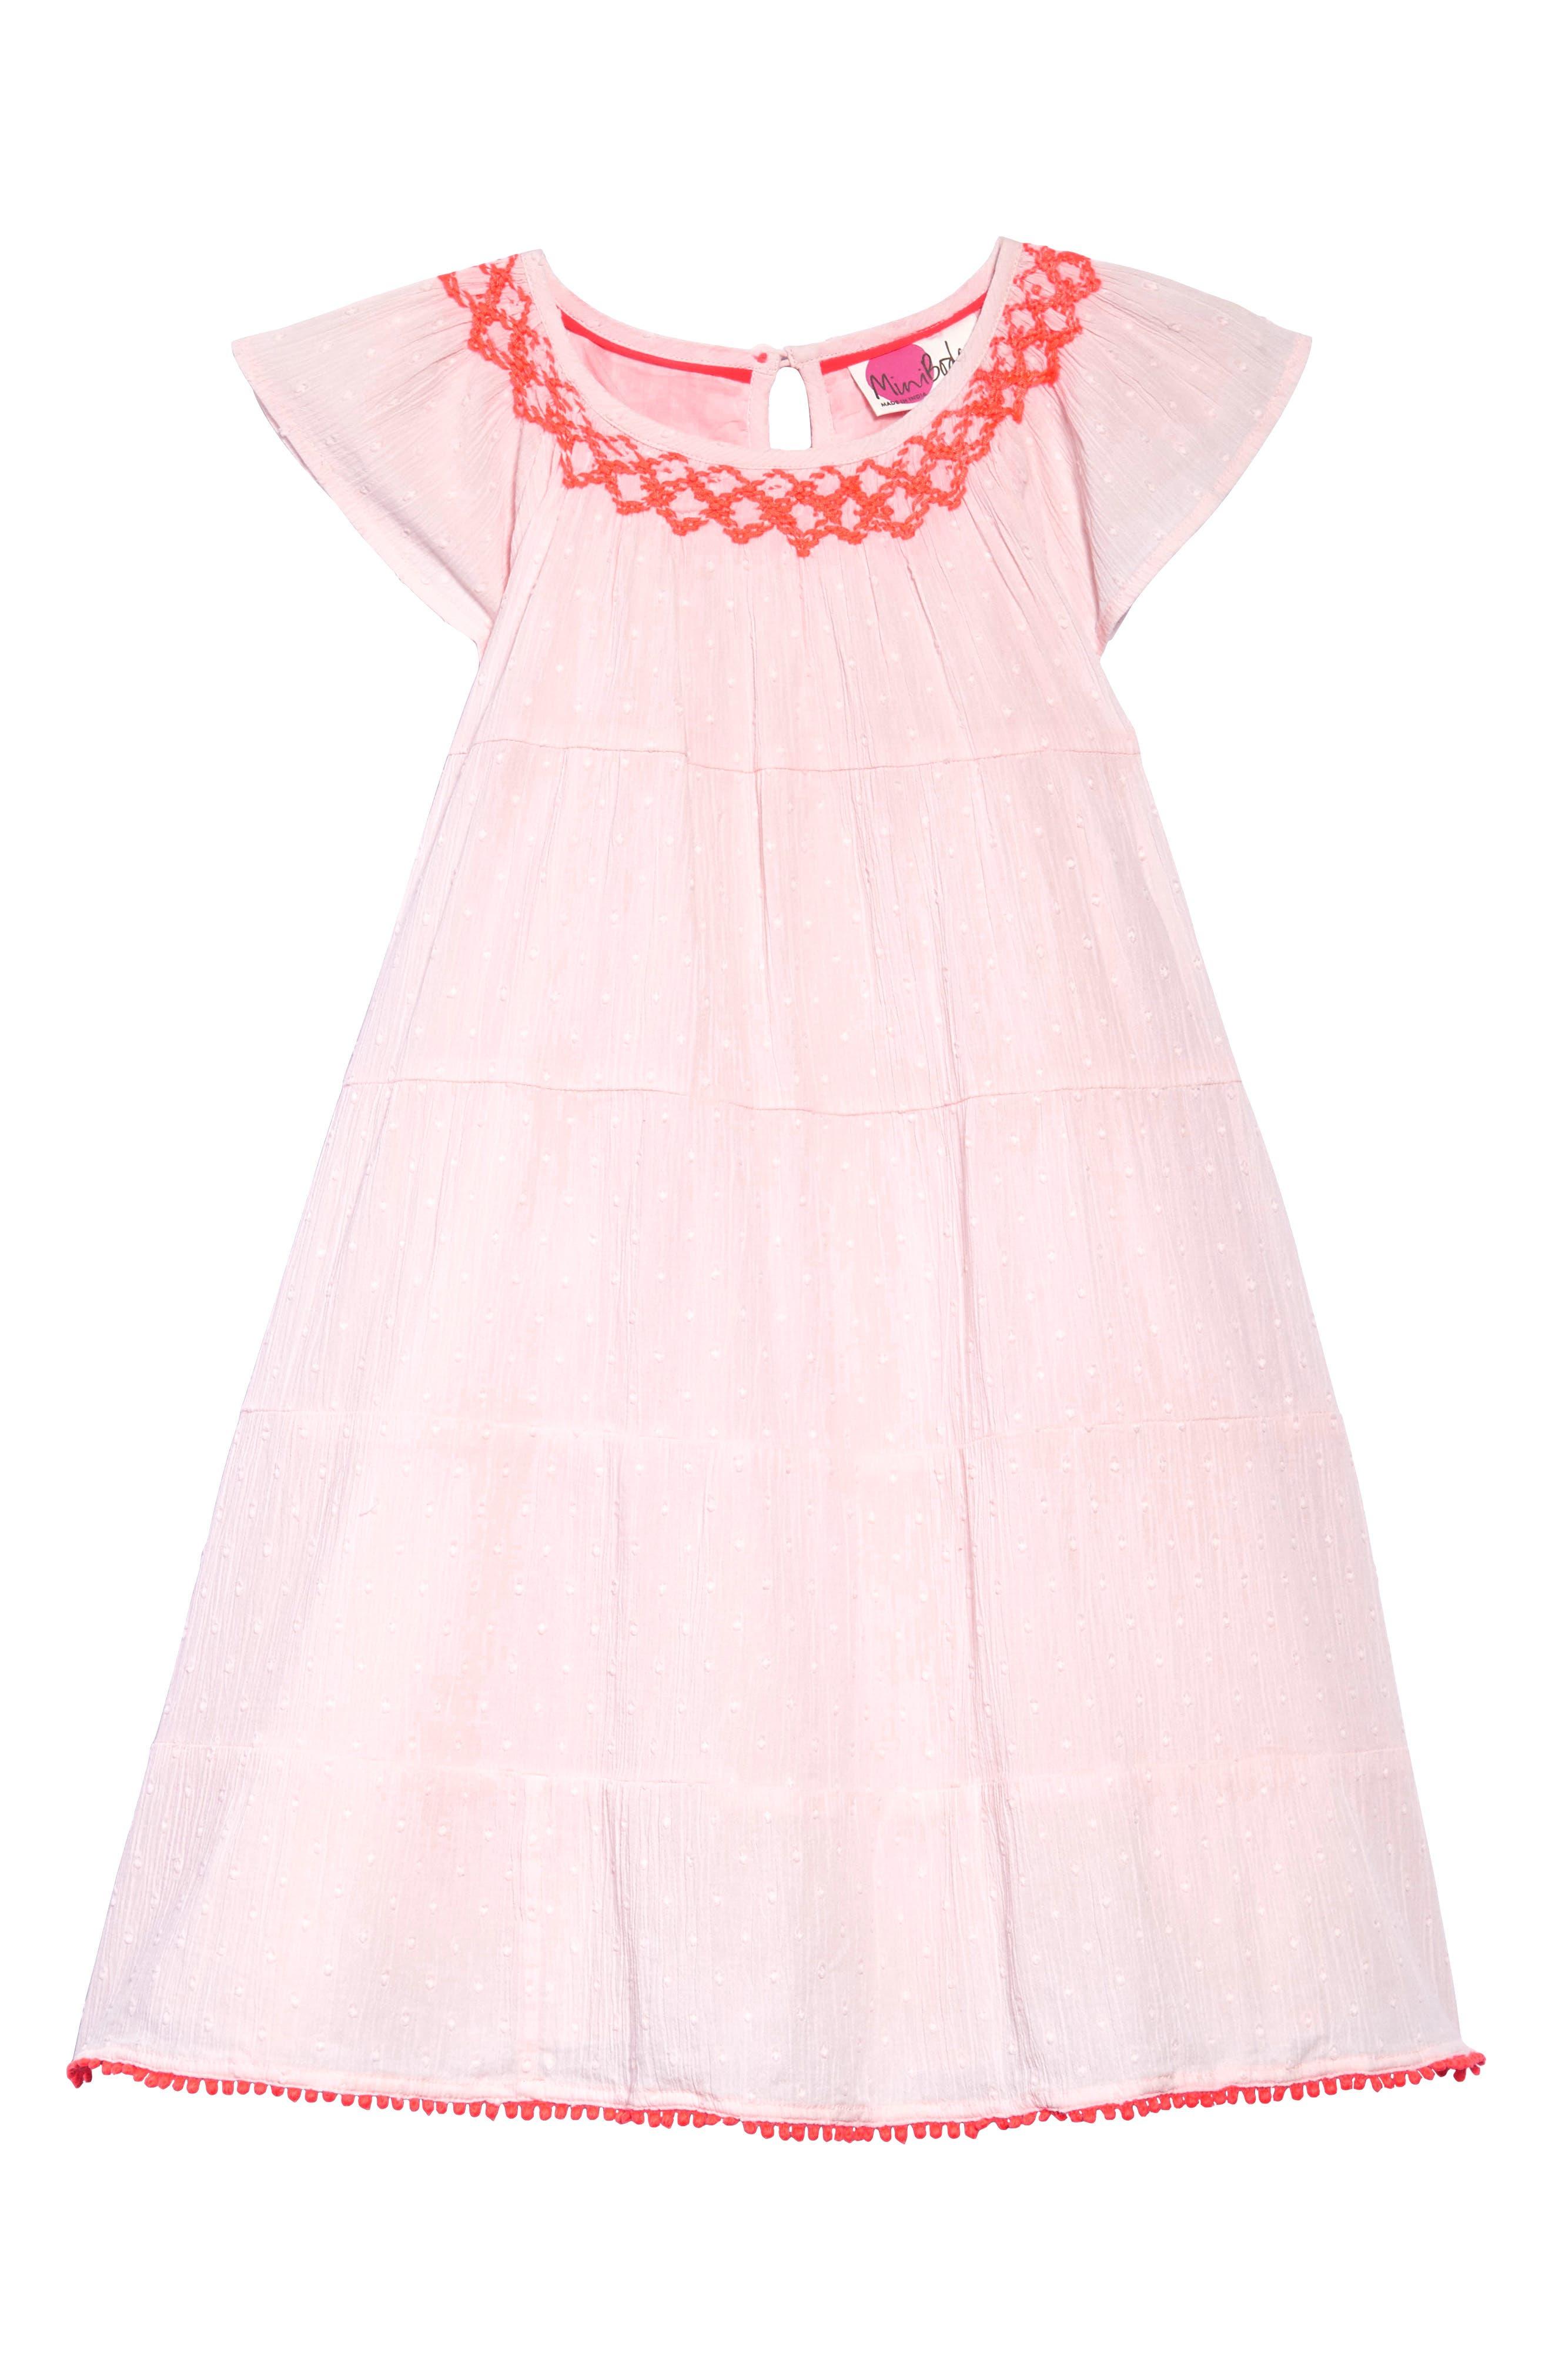 MINI BODEN Twirly Dress, Main, color, 684